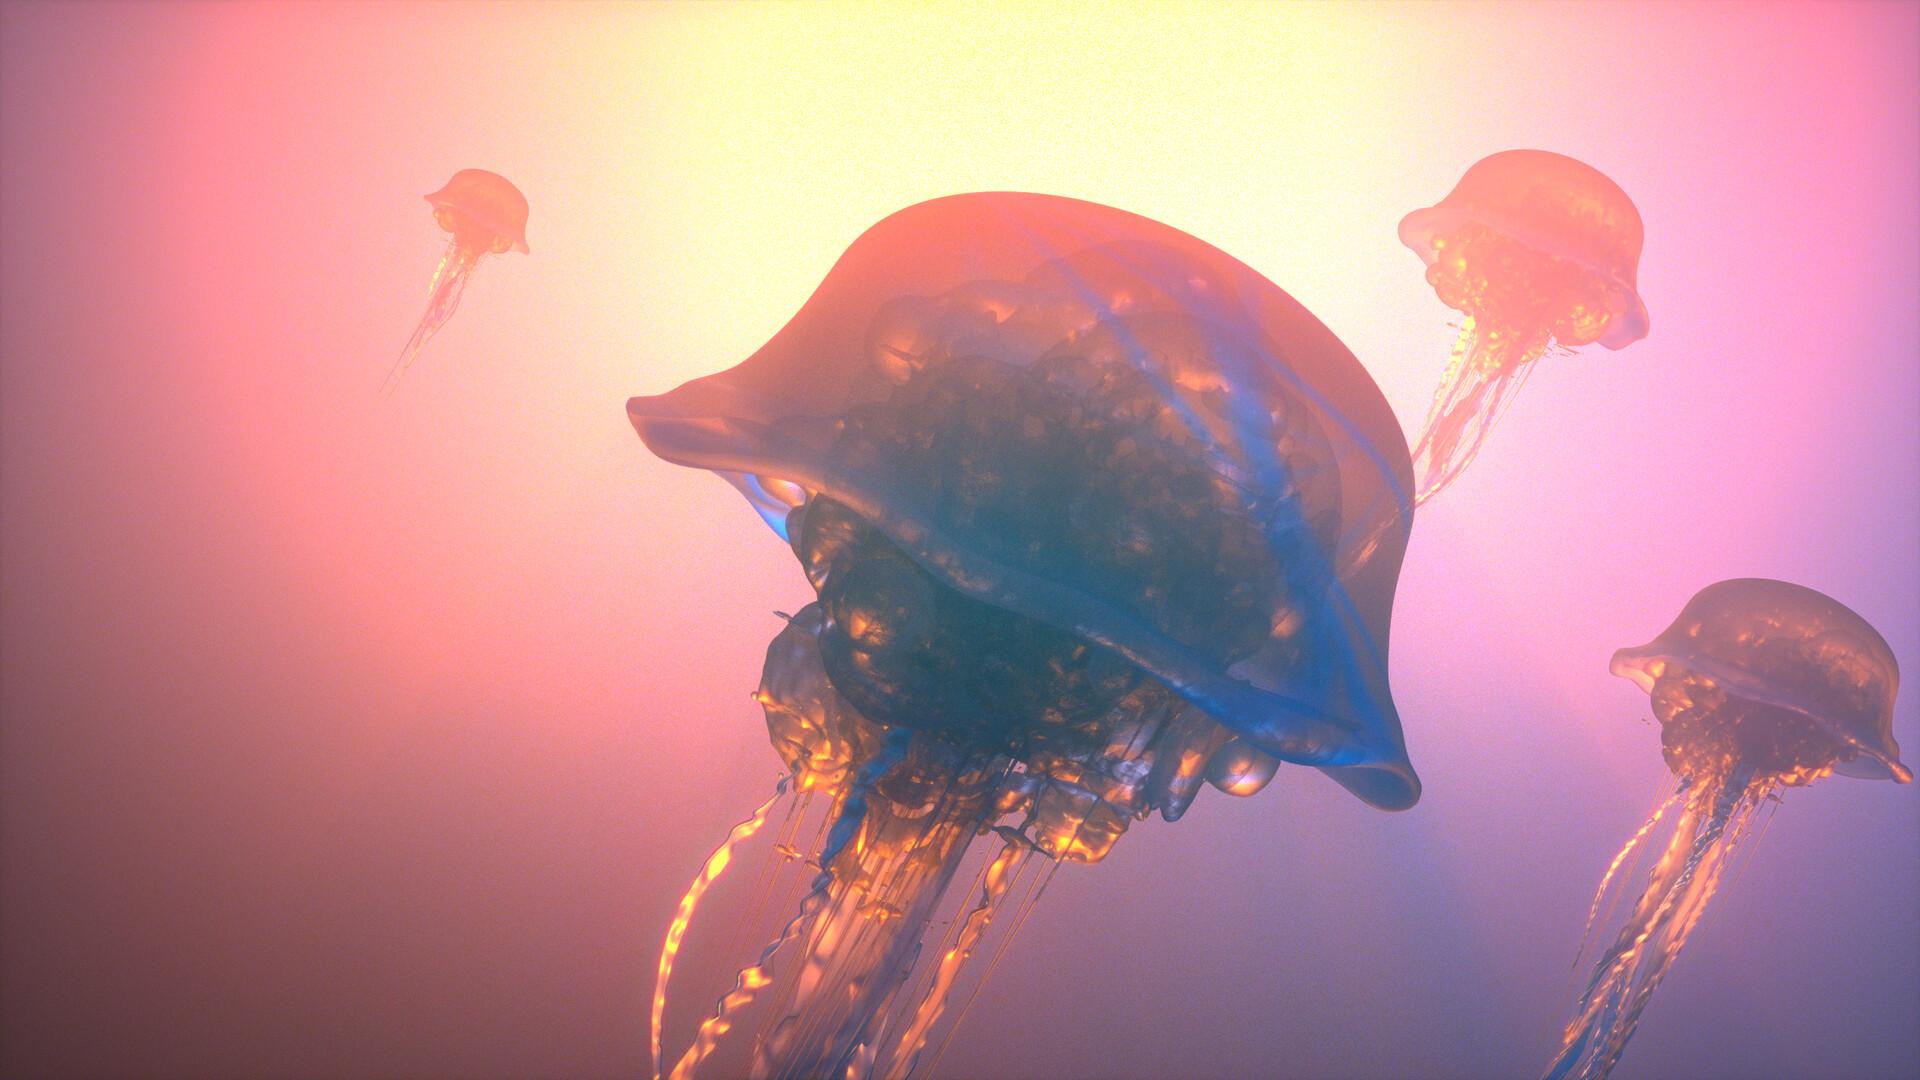 Leon tukker jellyfishscene4